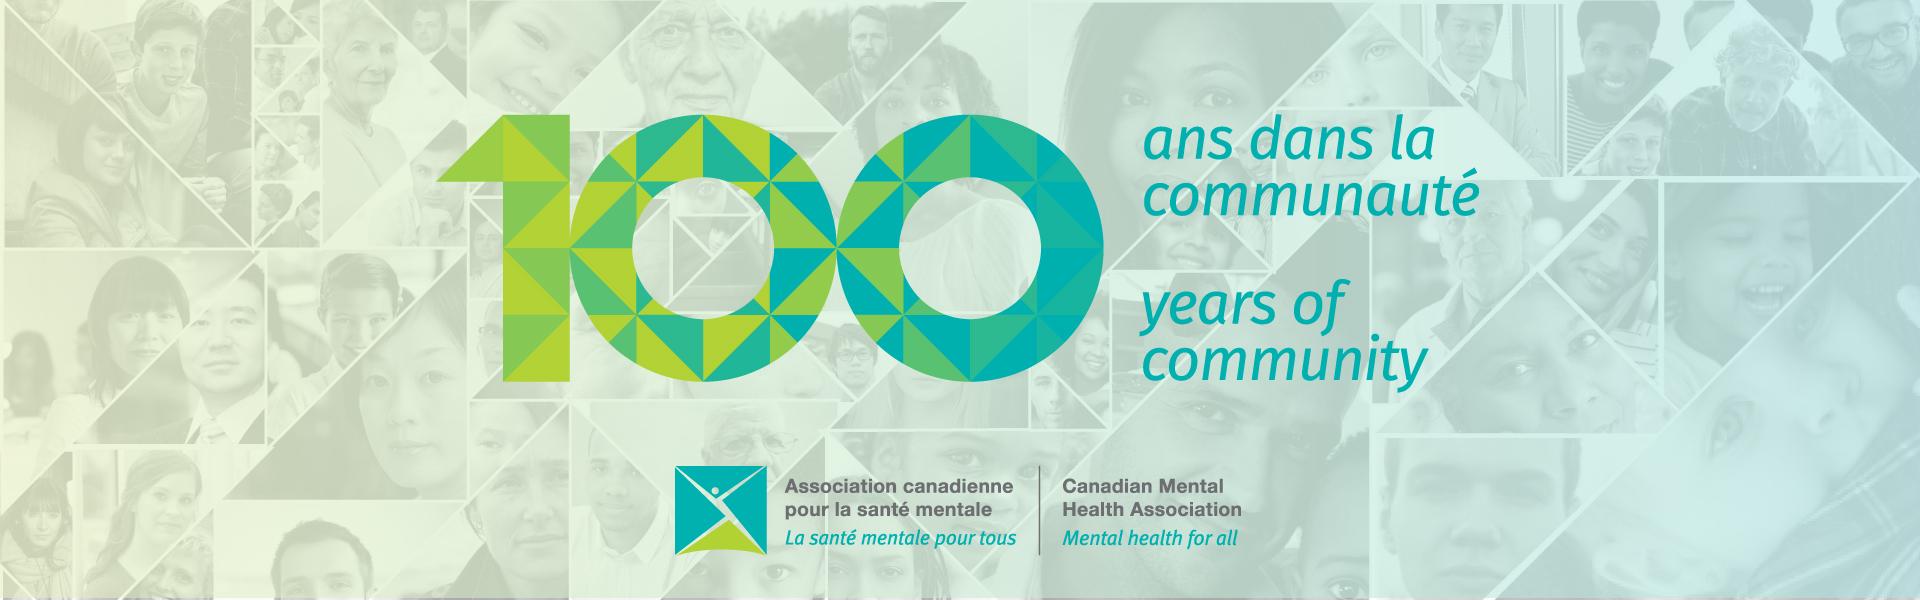 Promotion et prévention en santé mentale